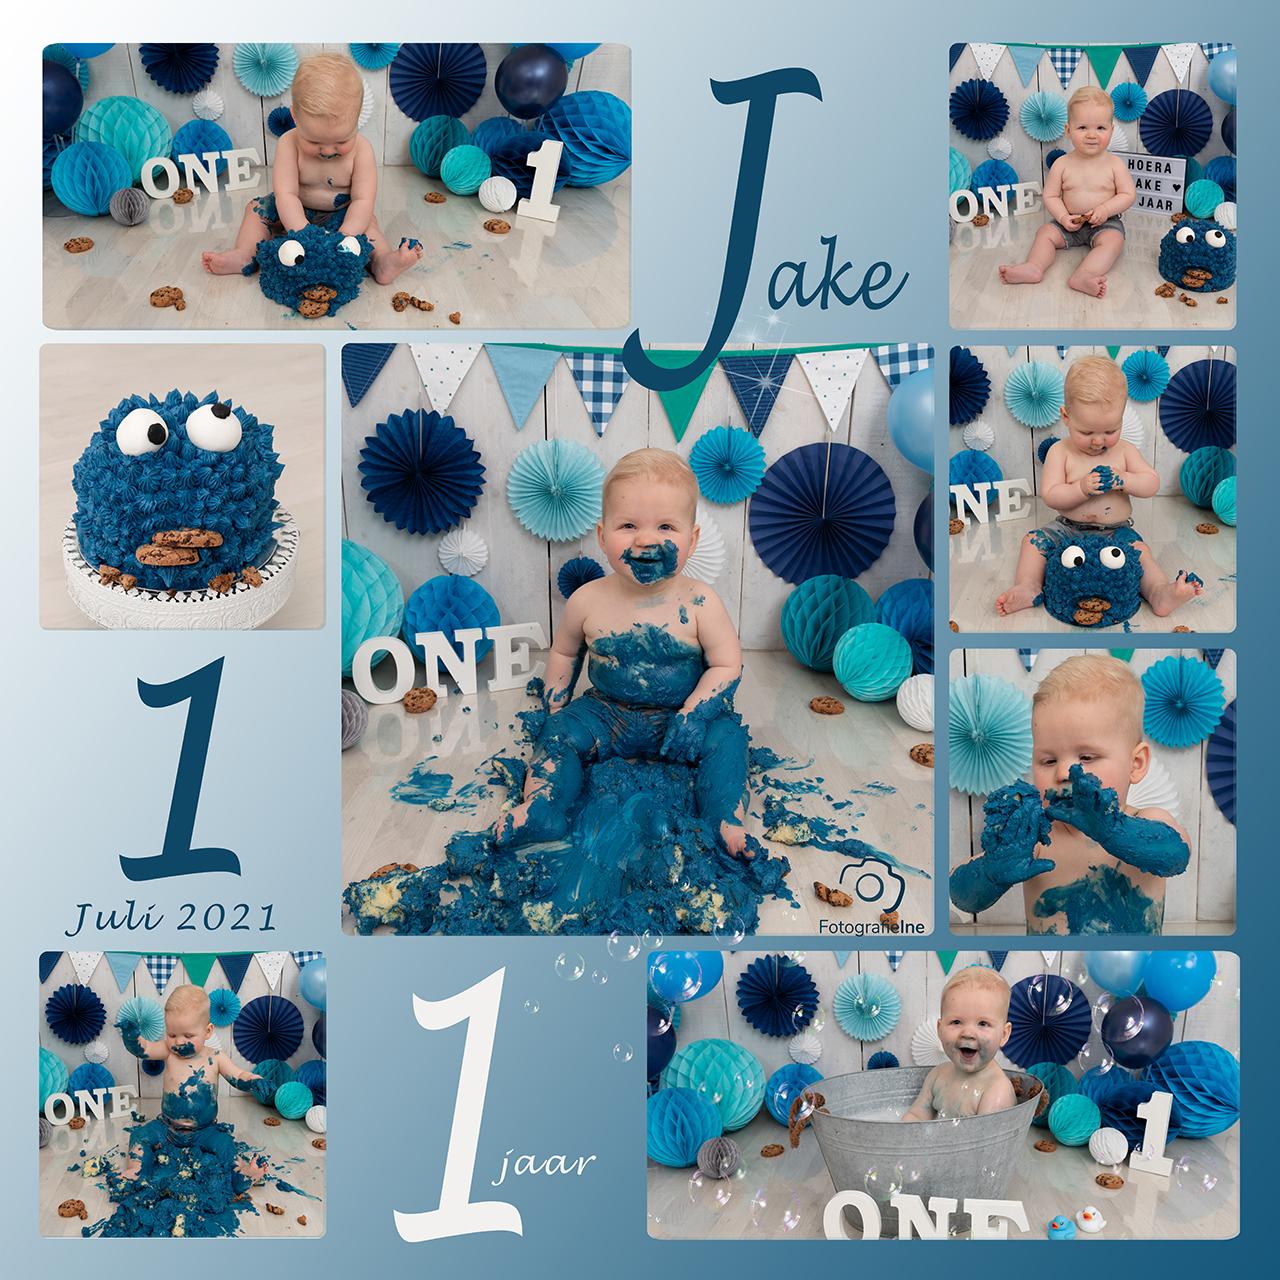 Fotografie Ine collage cakesmash Jake koekiemonster cookiemonster achtergrond blauw